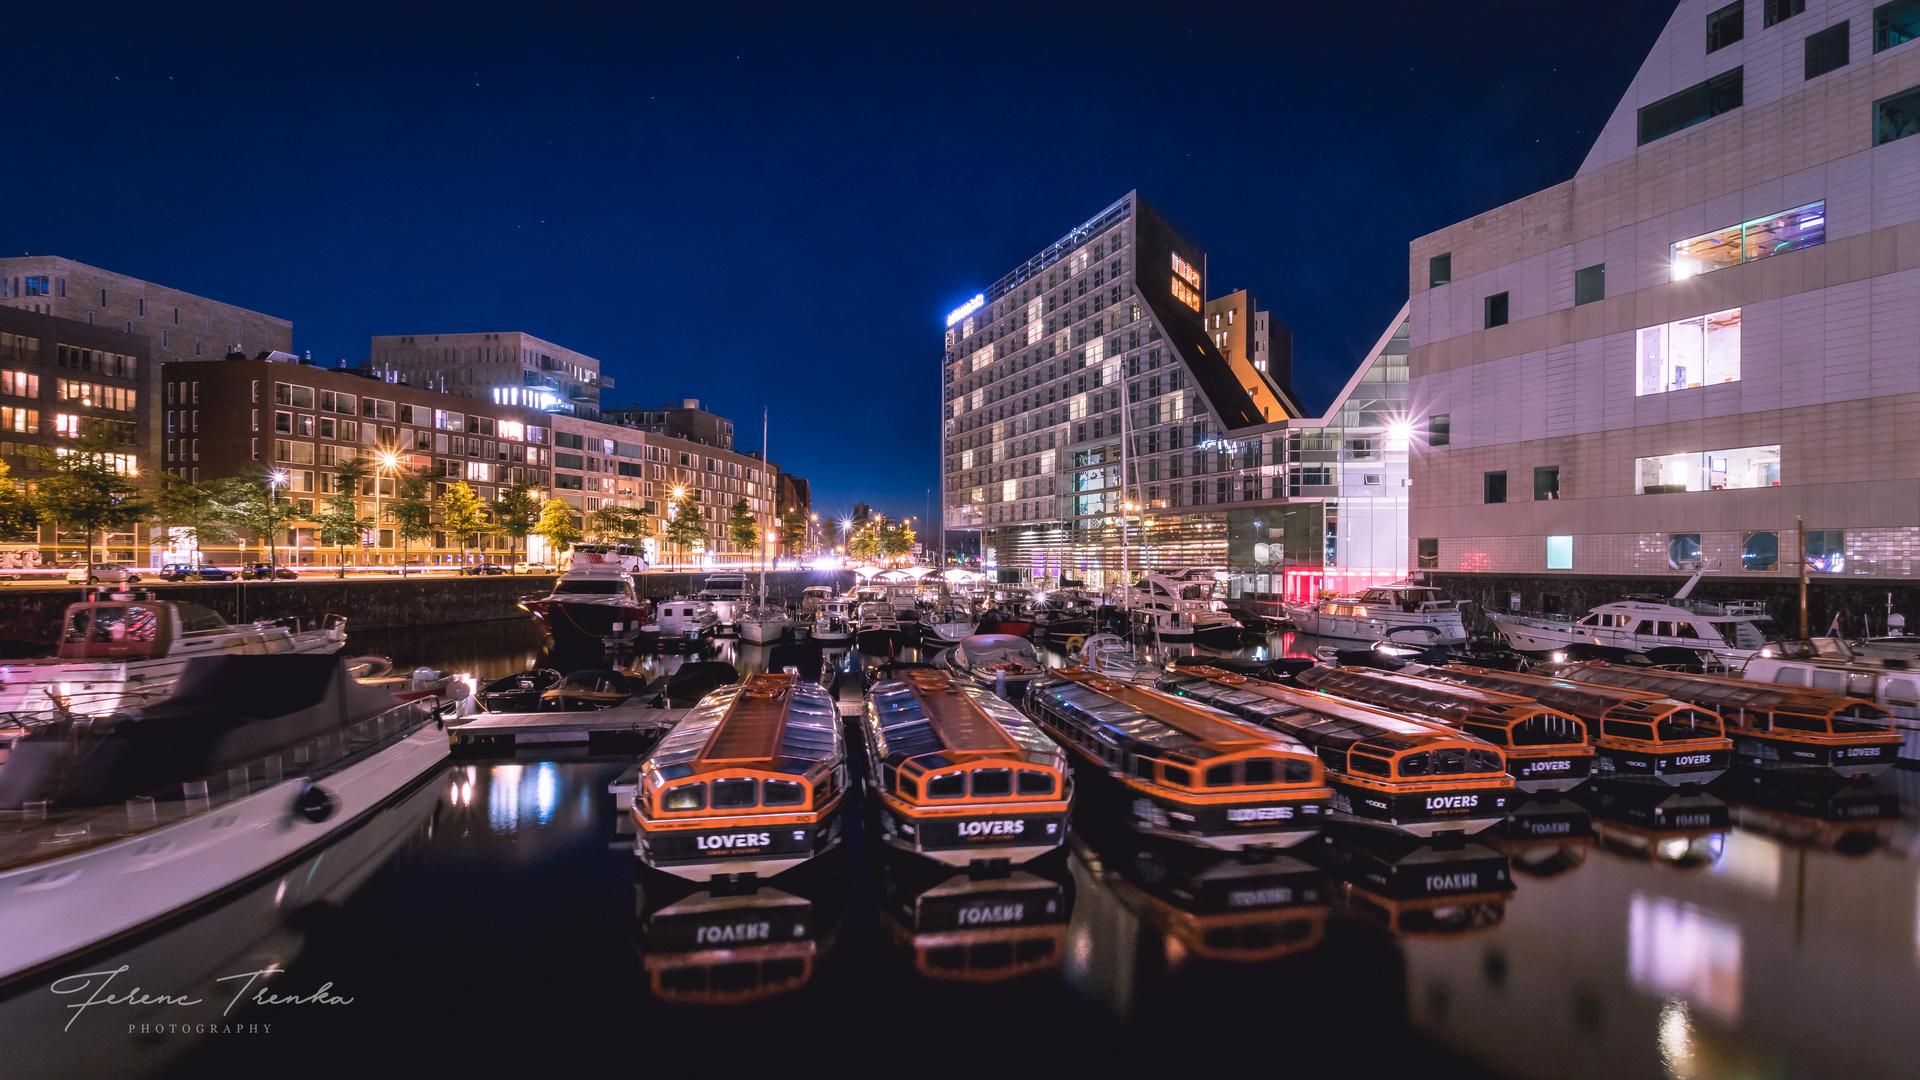 Bootshafen in Amsterdam